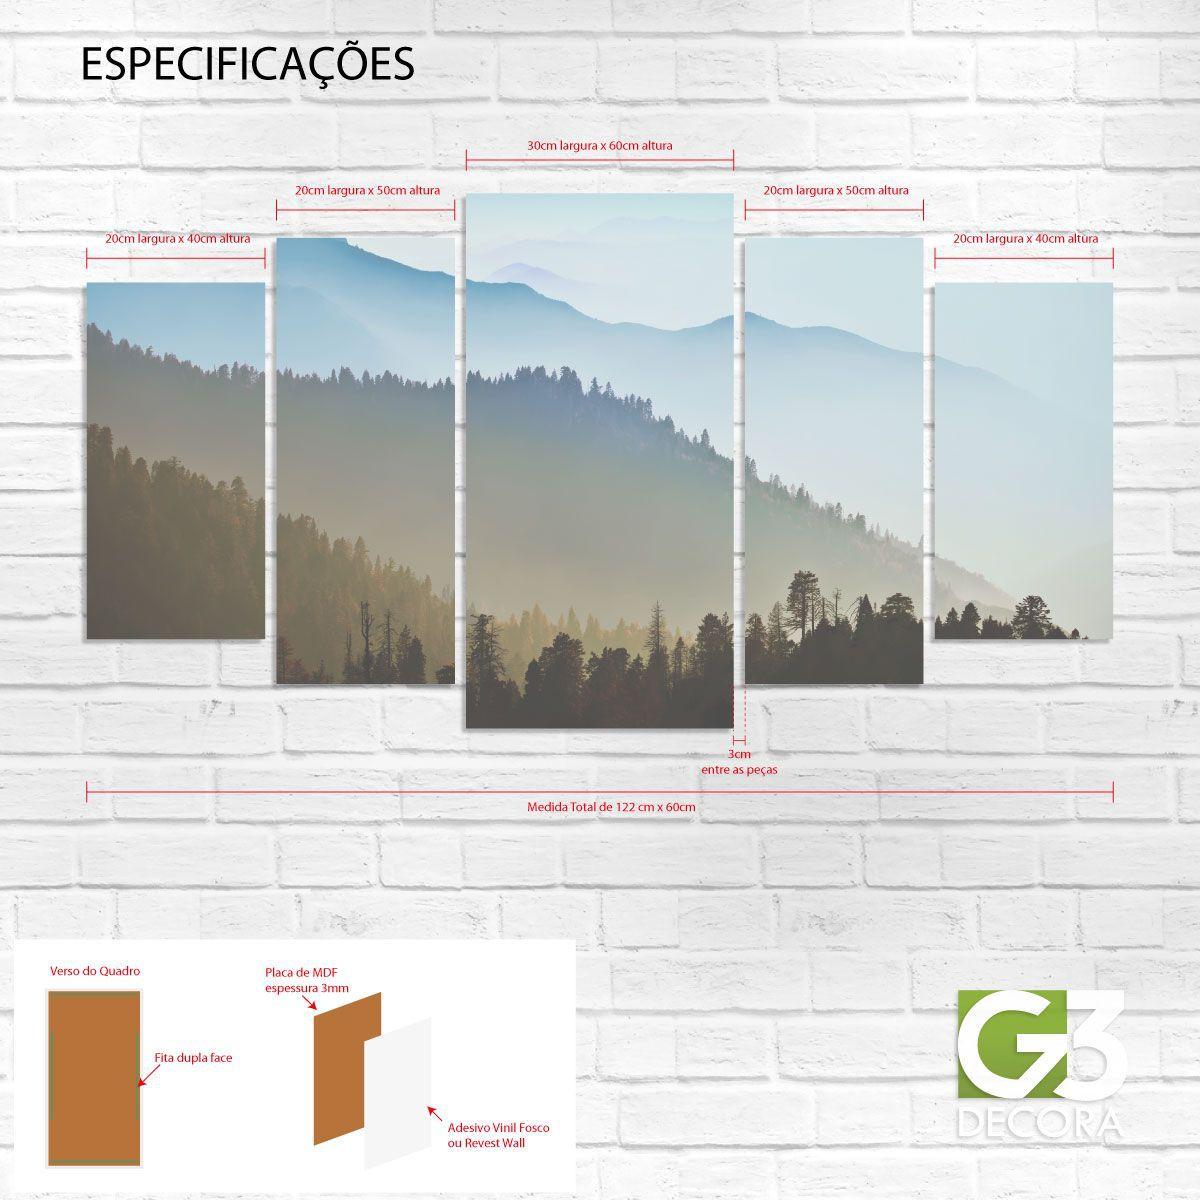 Quadro Decorativo – QD008  - Papel de parede - G3decora